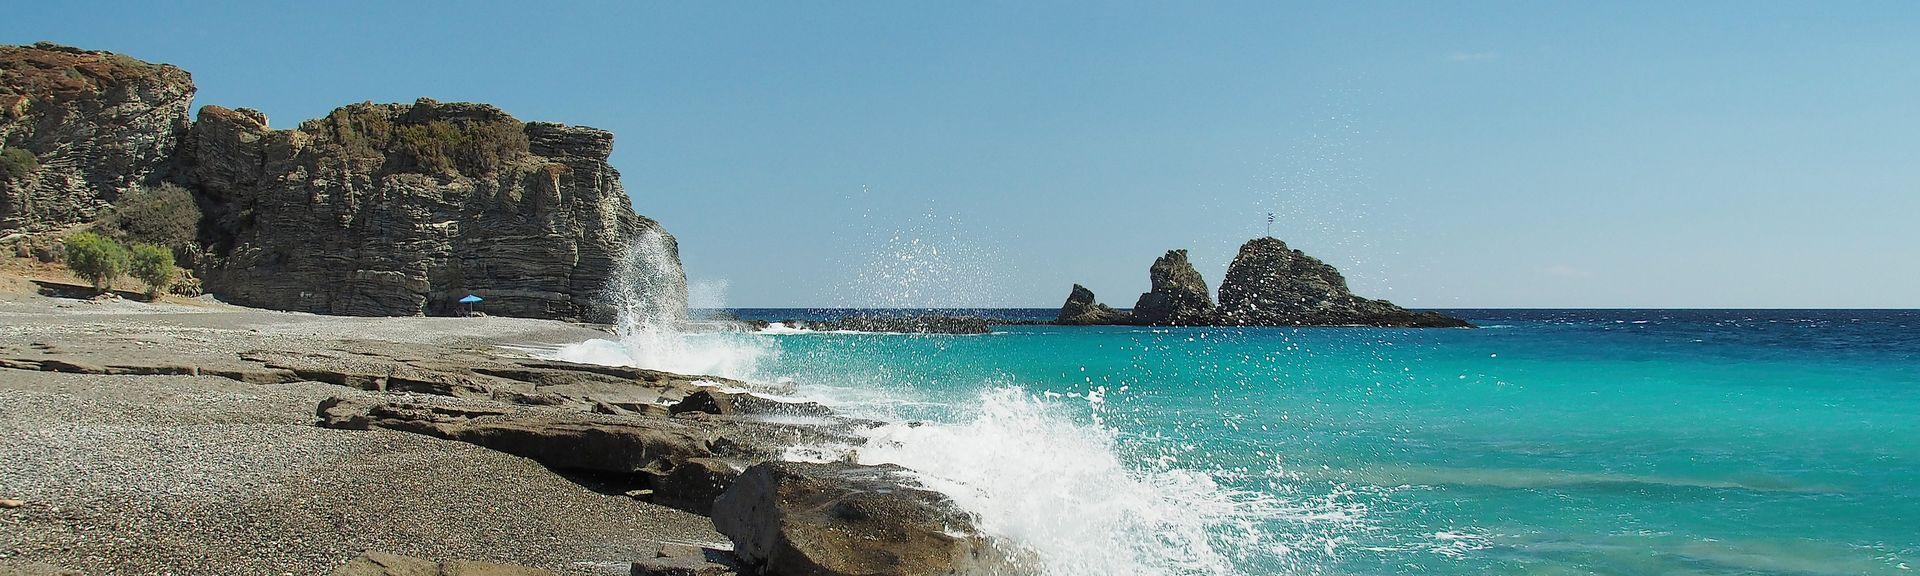 Mirtos, Ierapetra, Kreta, Griekenland